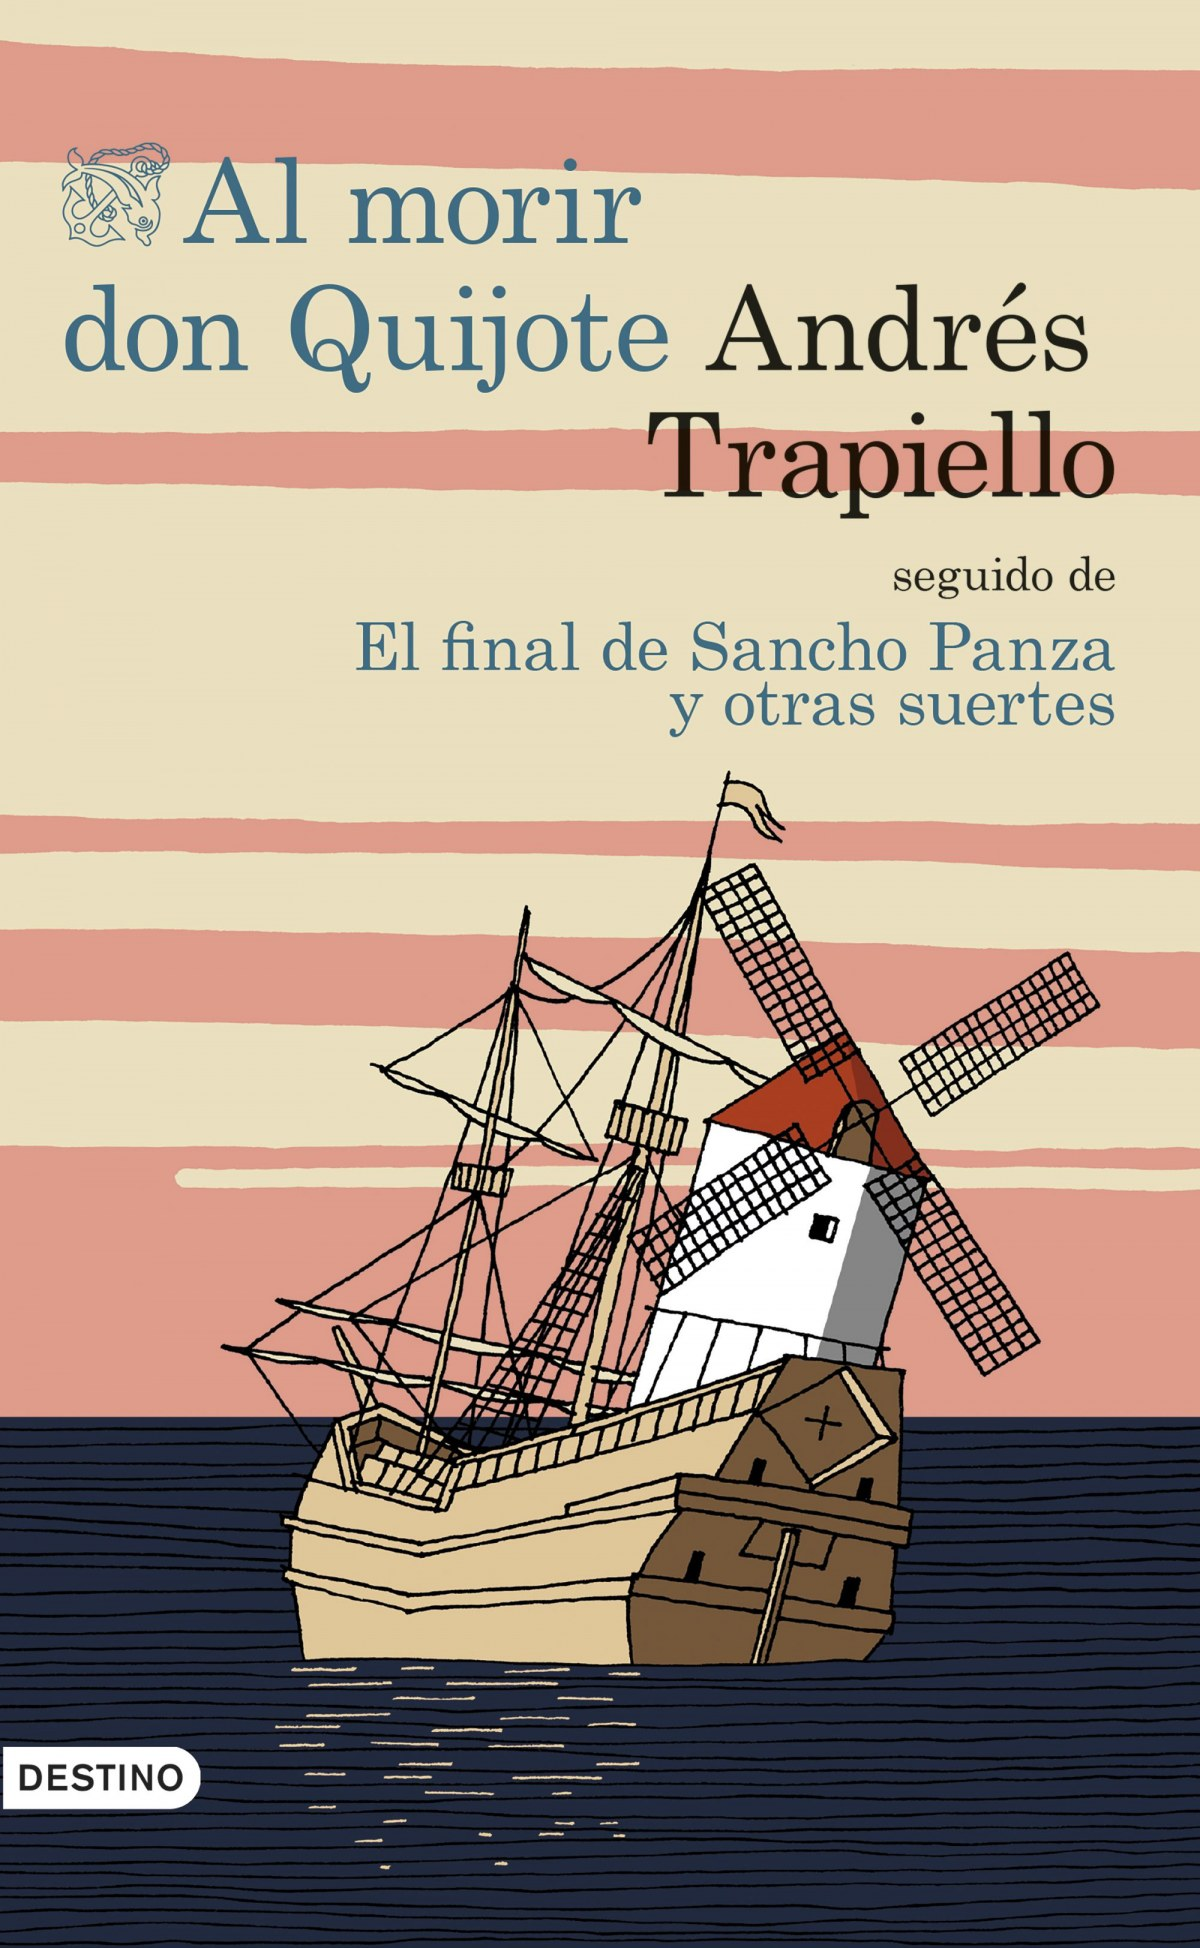 Al morir Don Quijote seguido de el final de Sancho y otras suertes